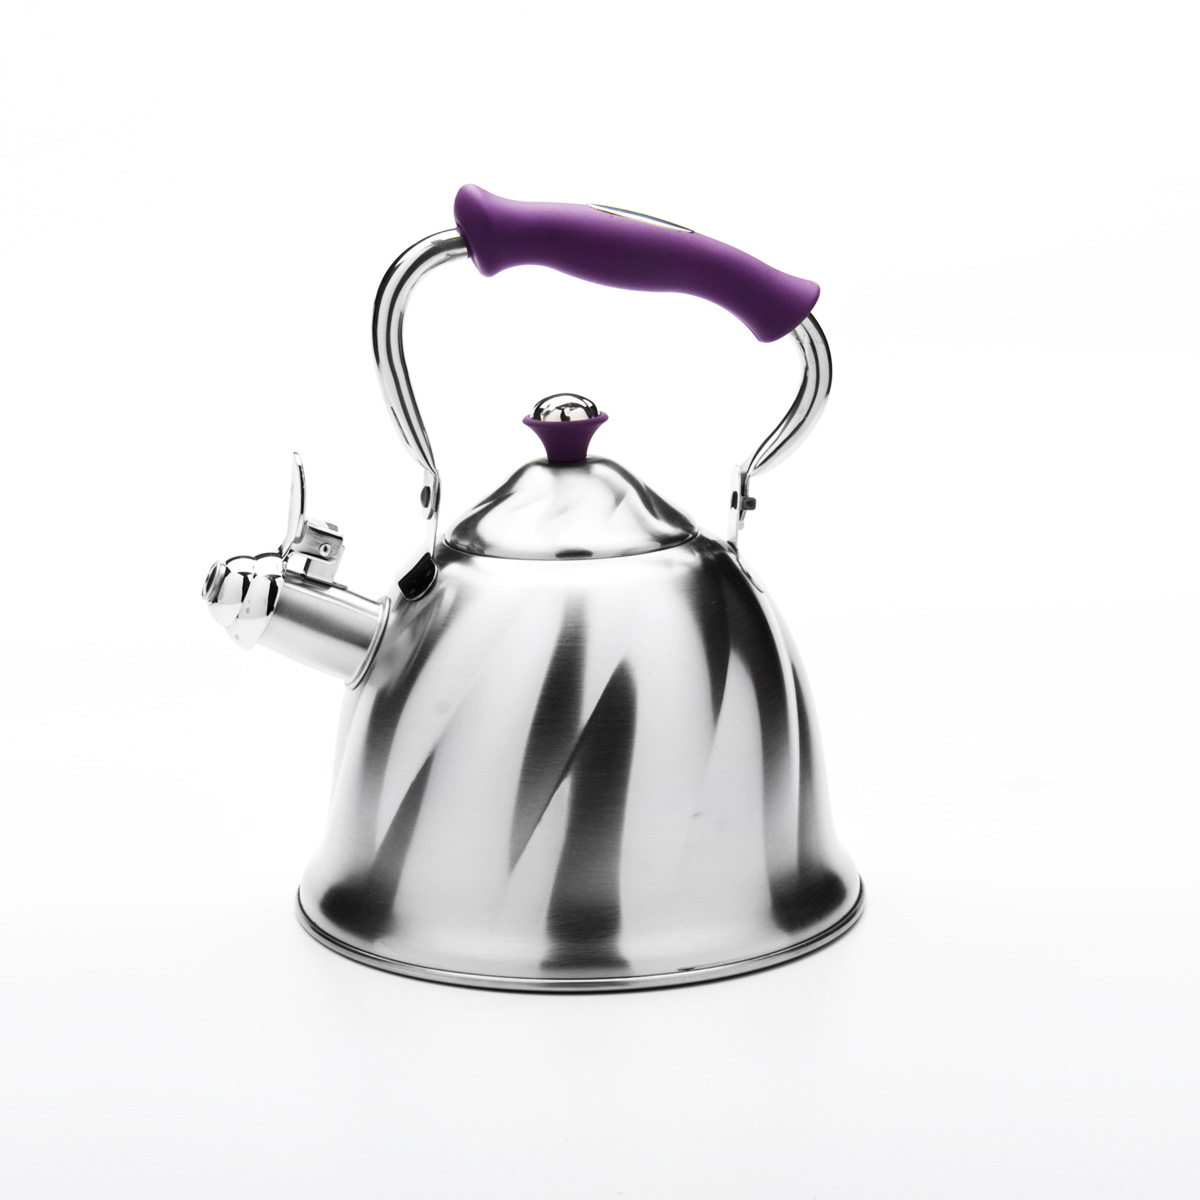 Чайник Mayer & Boch со свистком, цвет: фиолетовый, 3 л. 2377754 009303Чайник Mayer & Boch выполнен из высококачественной нержавеющей стали, что обеспечивает долговечность использования. Внешнее матовоепокрытие придает приятный внешний вид. Фиксированная ручка из бакелита делает использование чайника очень удобным и безопасным. Чайник снабжен свистком и устройством для открывания носика. Можно мыть в посудомоечной машине. Пригоден для всех видов плит, кроме индукционных. Высота чайника (без учета крышки и ручки): 13 см.Диаметр основания: 21 см.